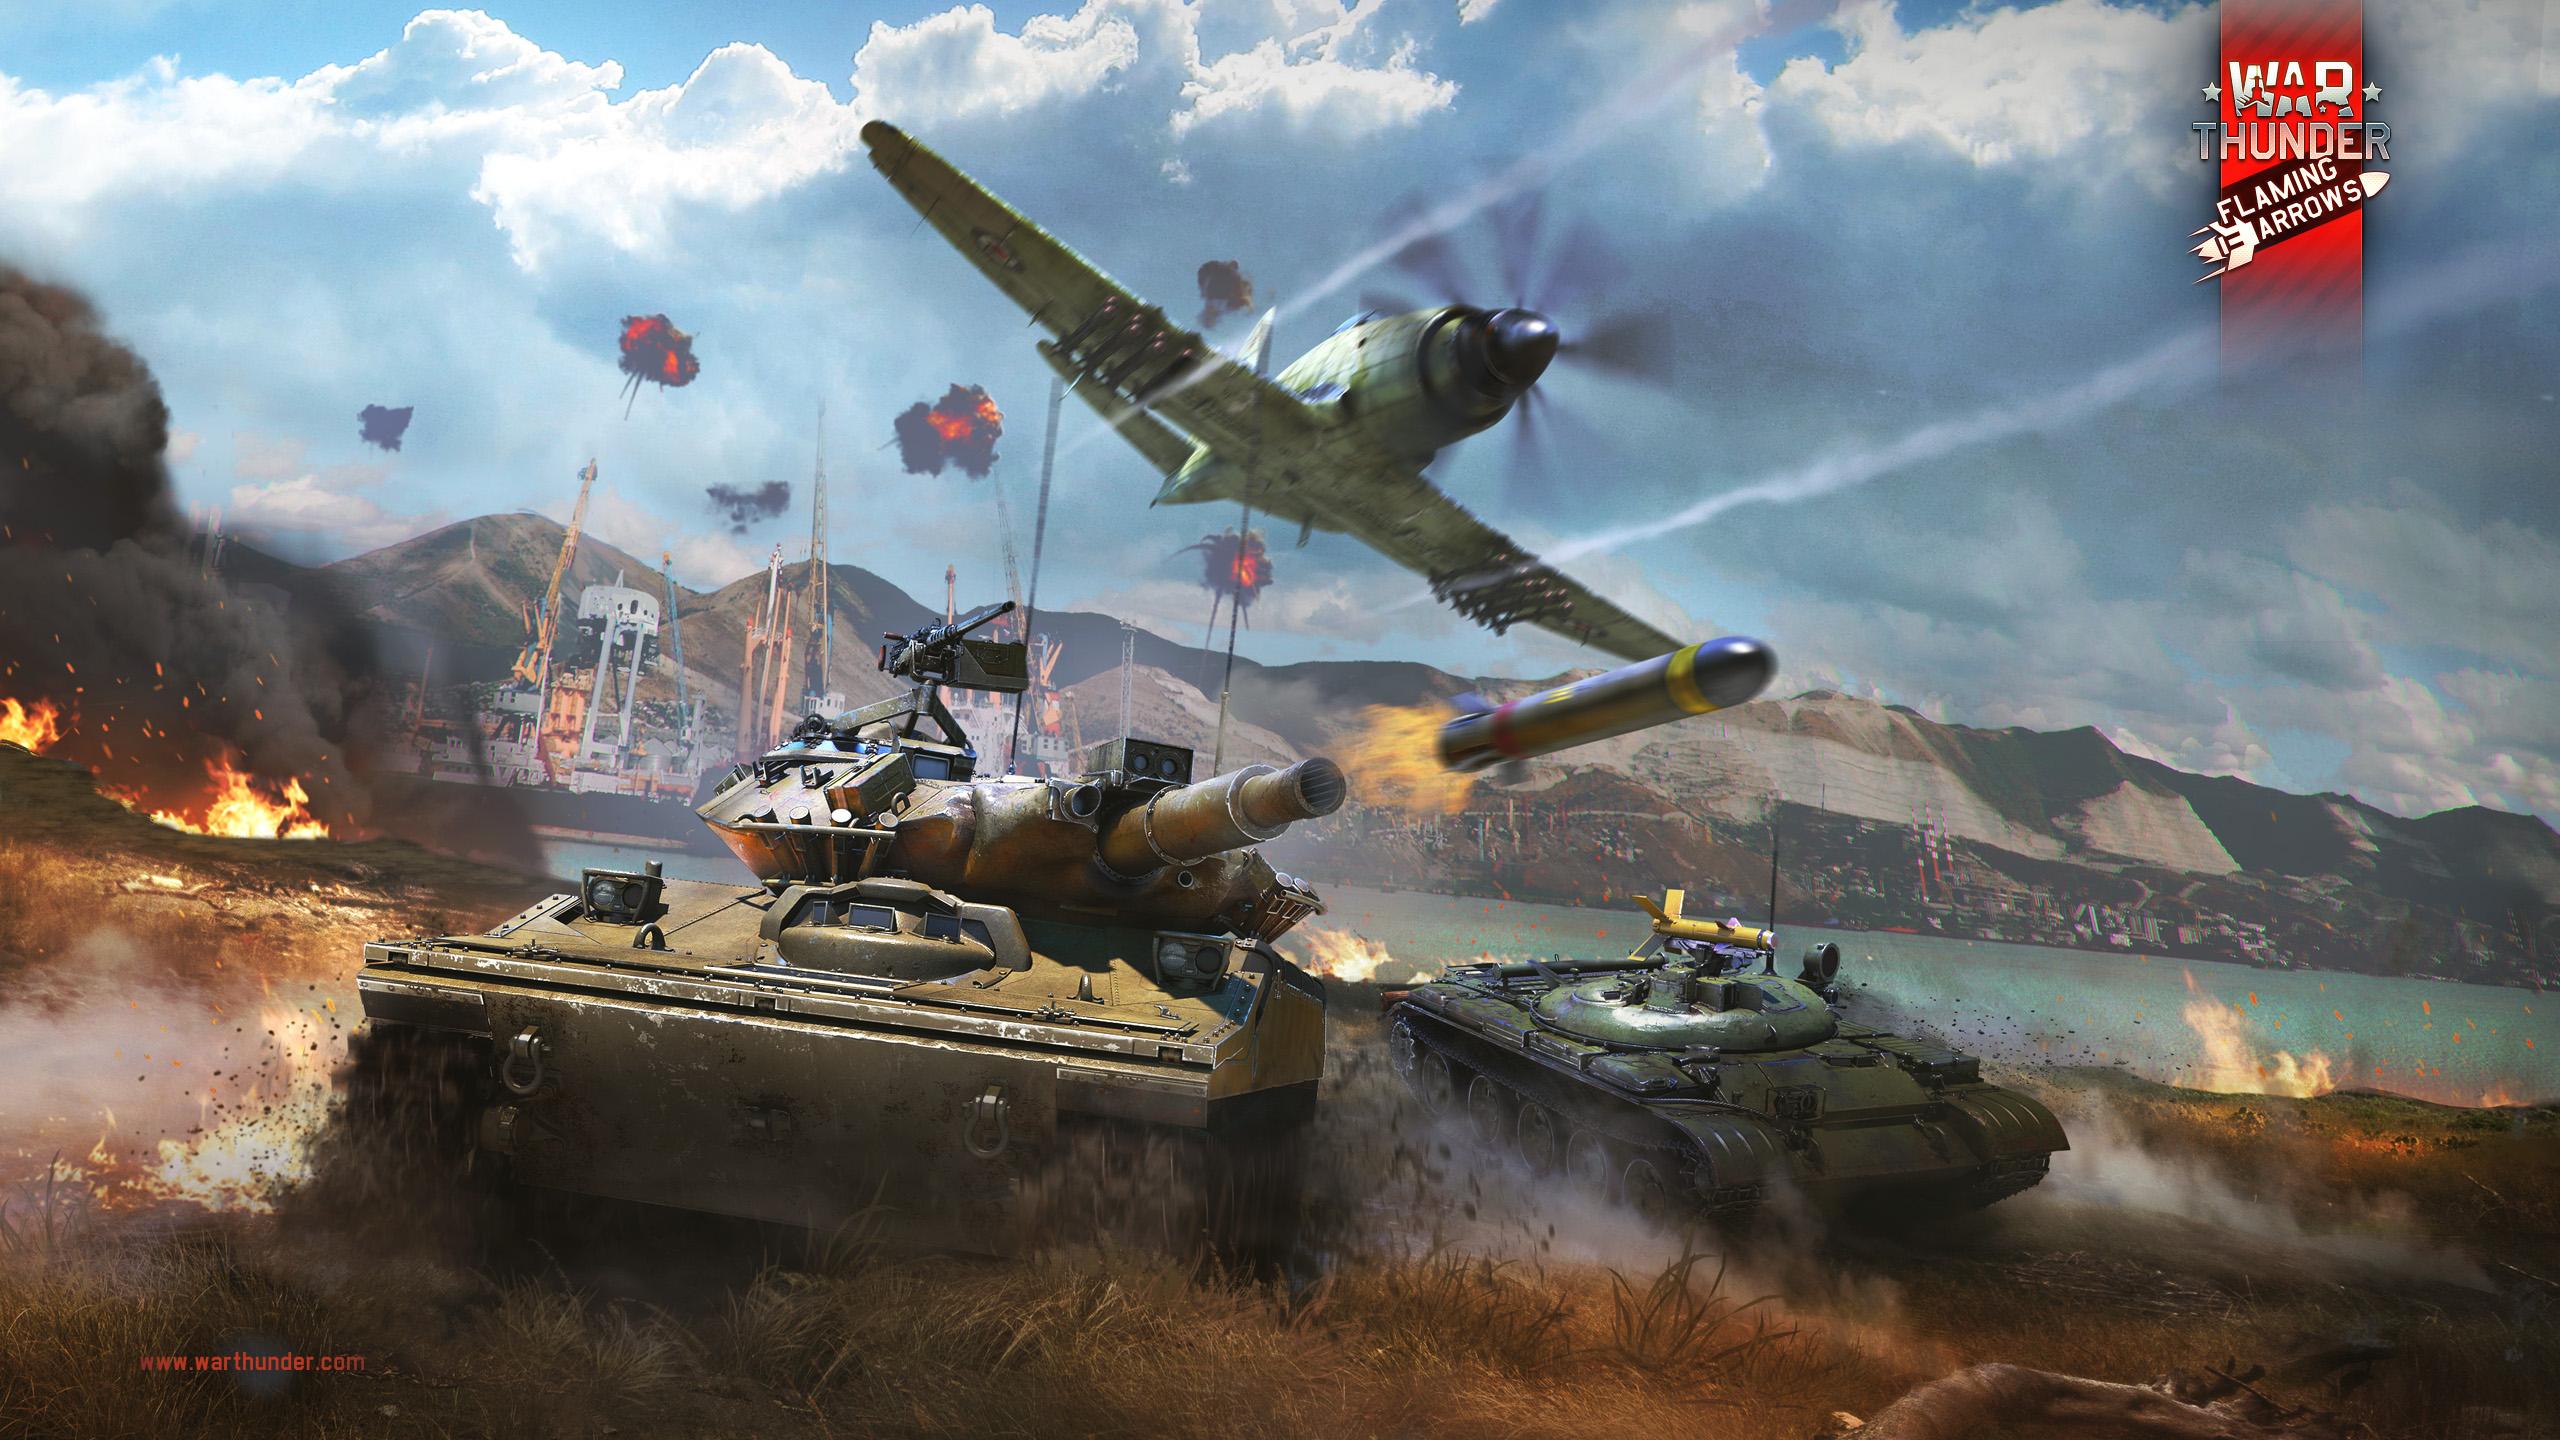 War thunder game change log dota 2